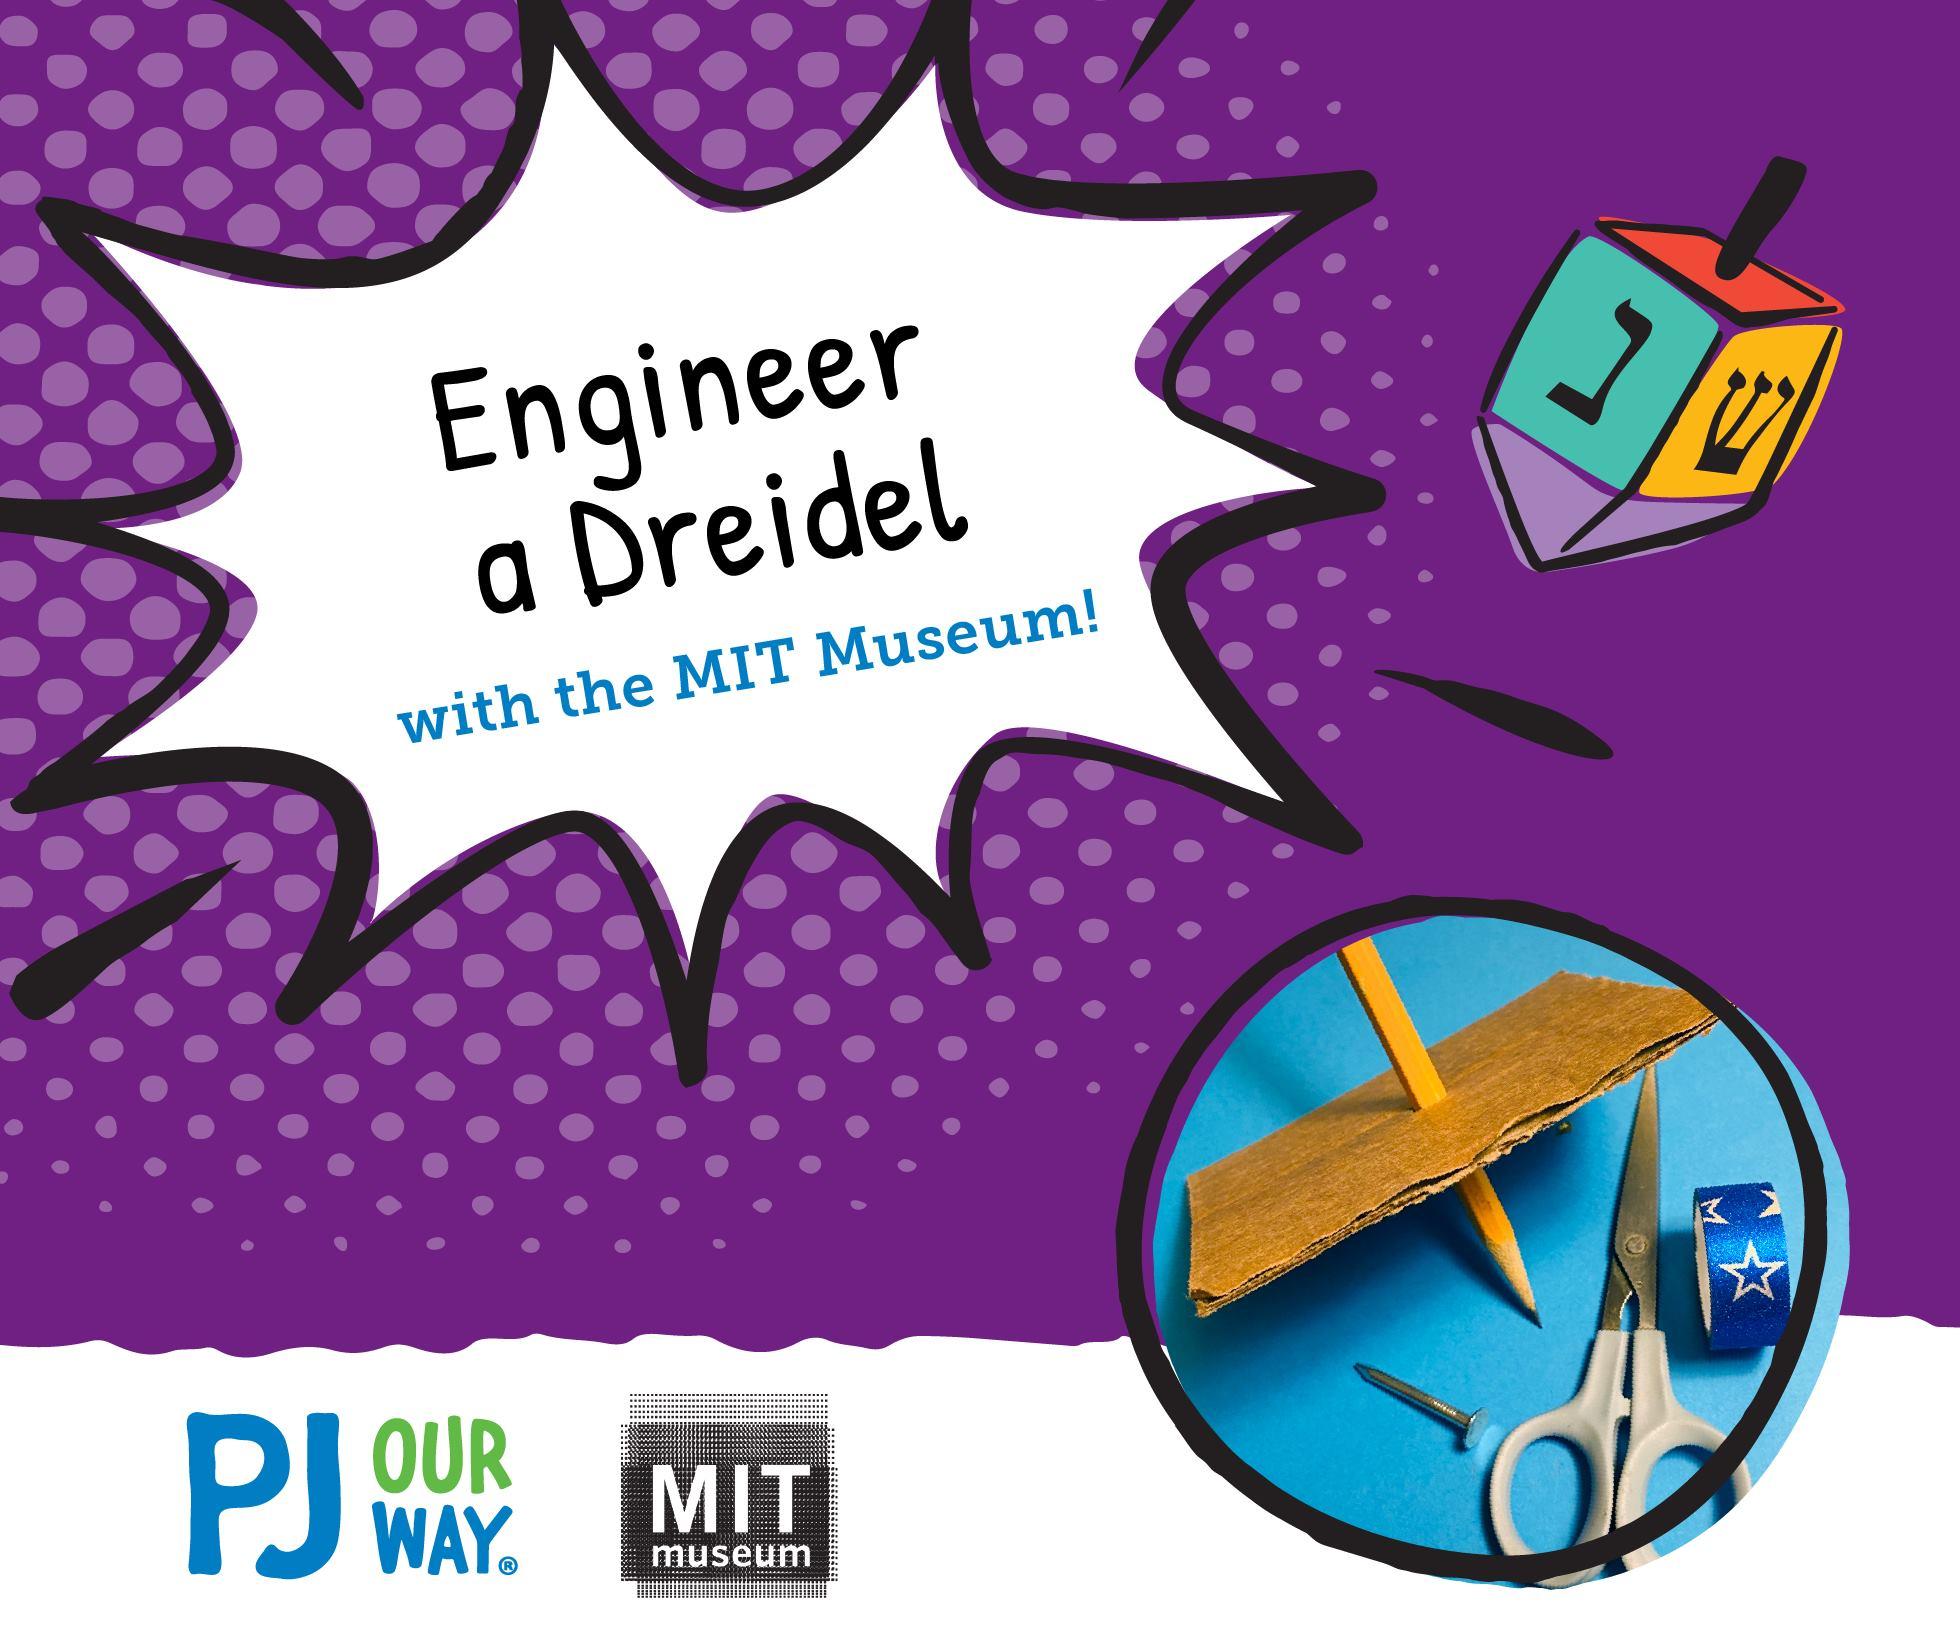 Engineer Your Own Dreidel